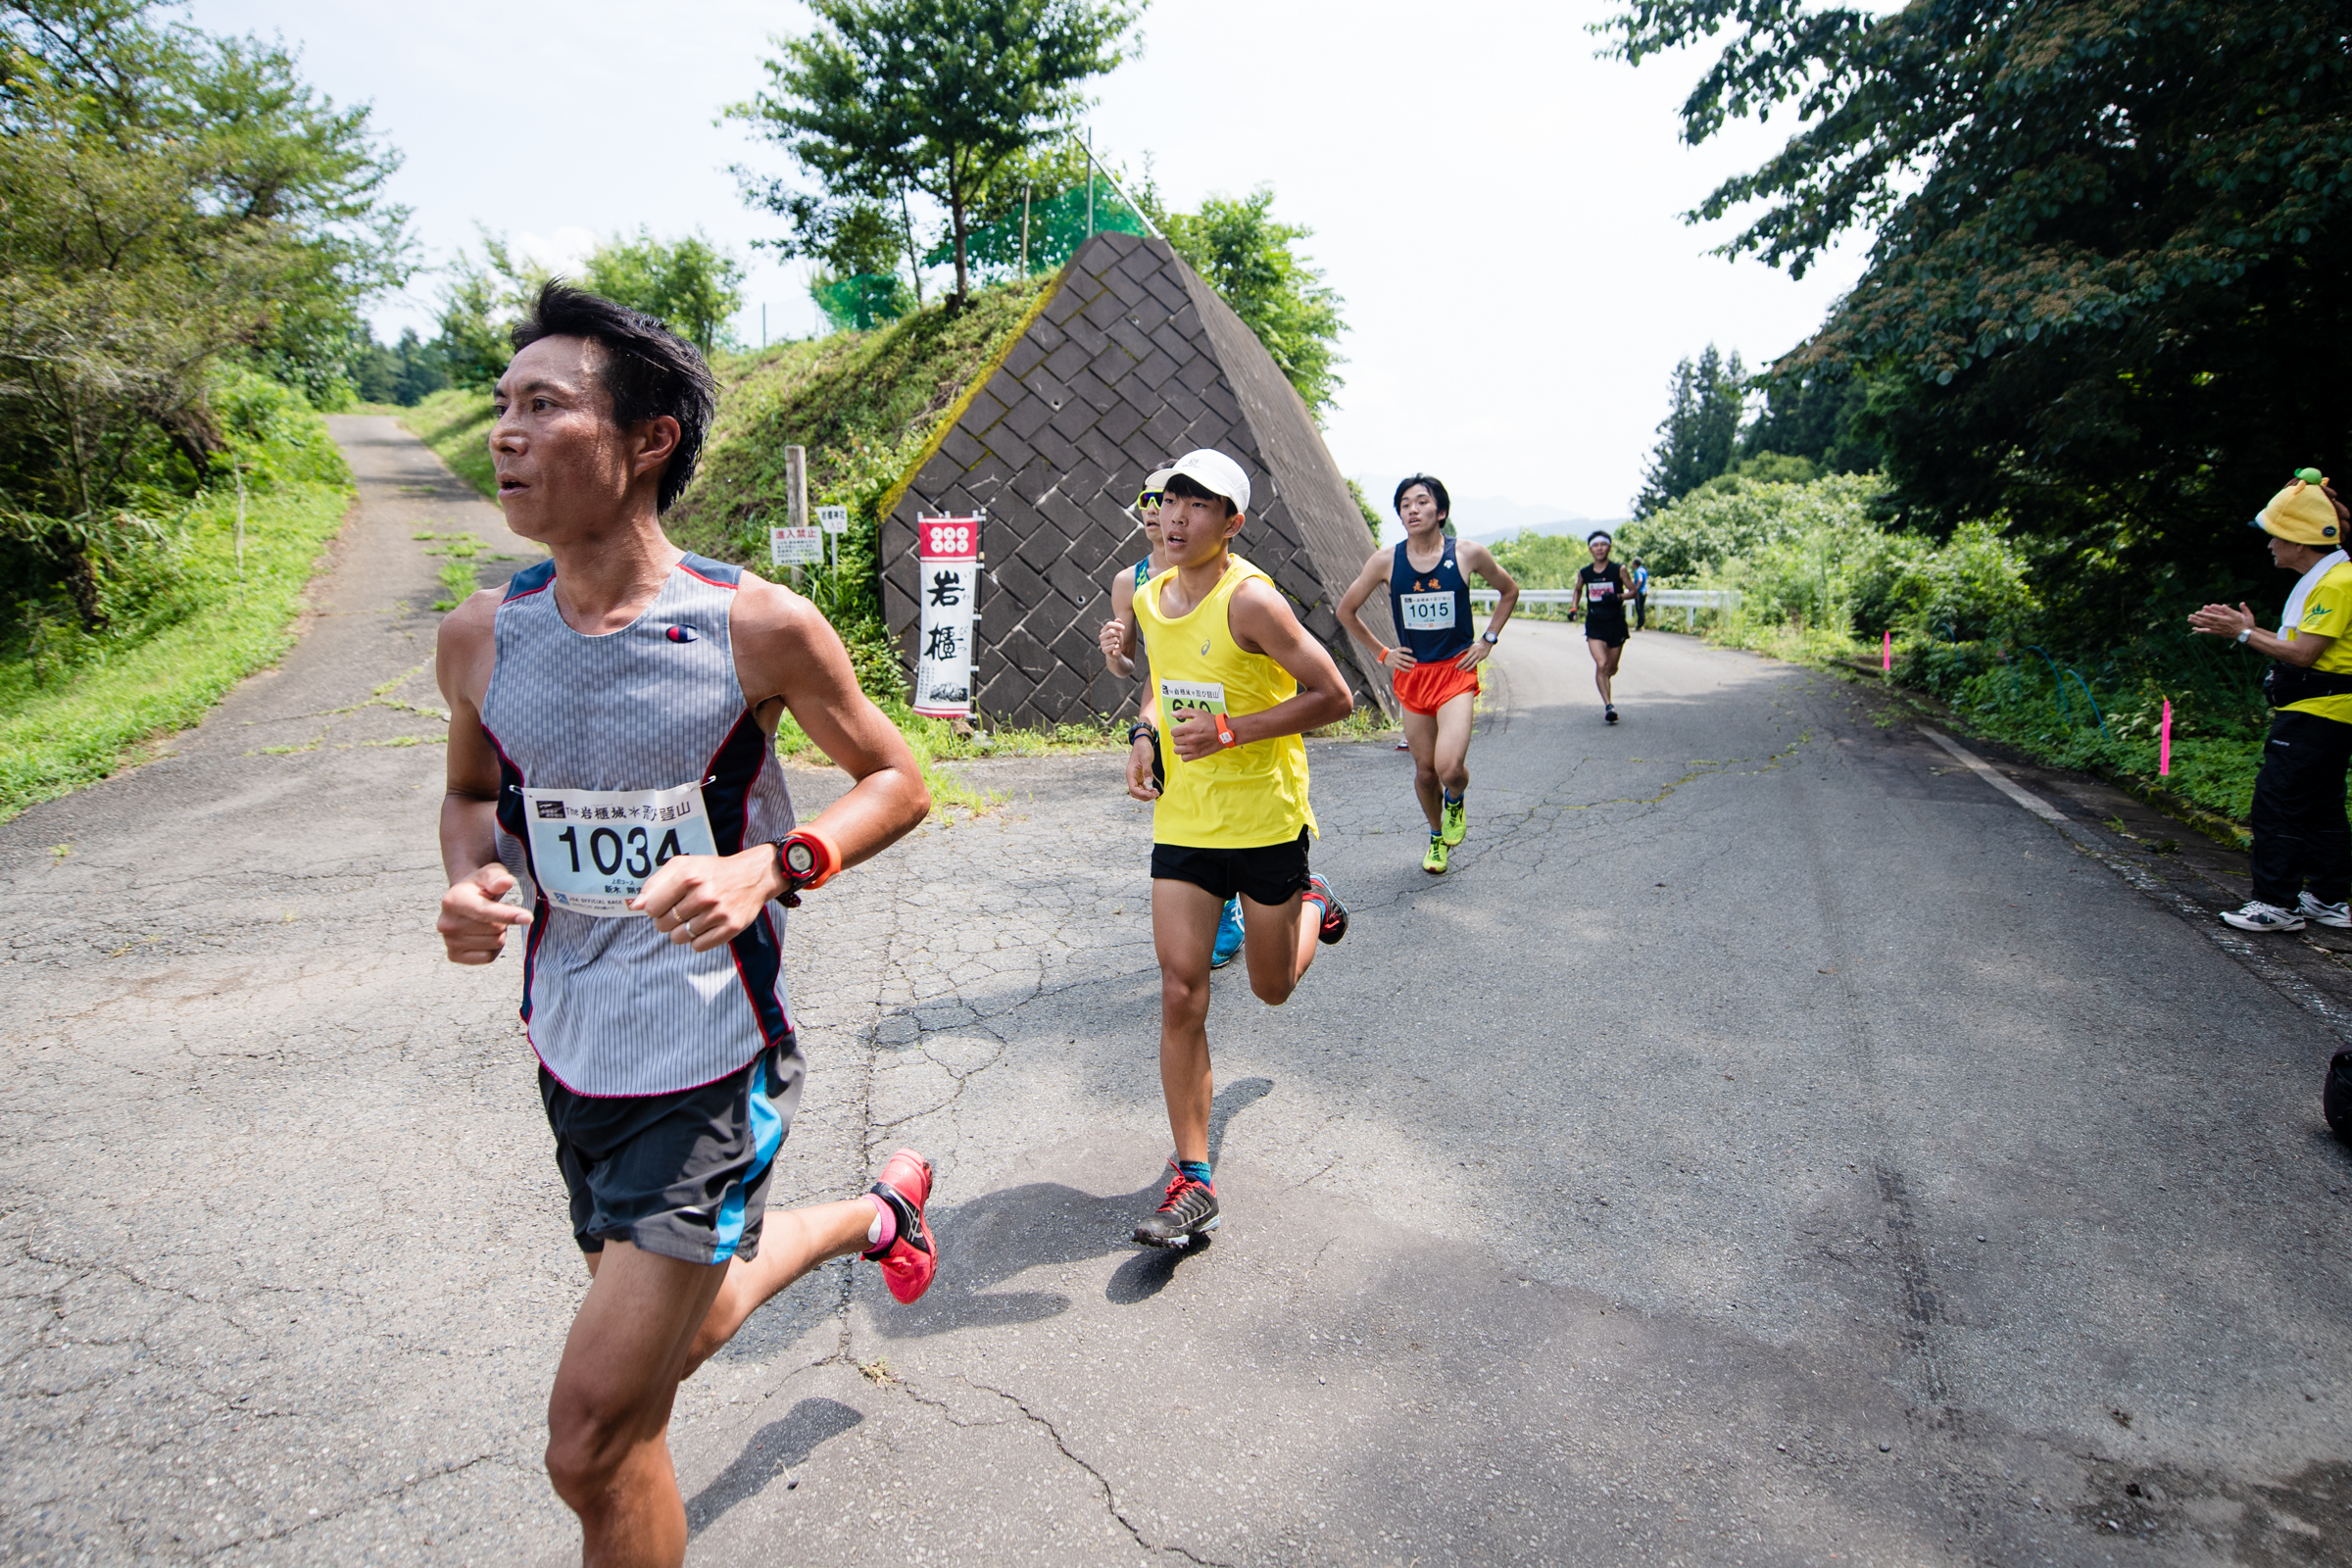 大人に負けていないチャンピオン、滝澤選手 ©THE岩櫃城忍び登山